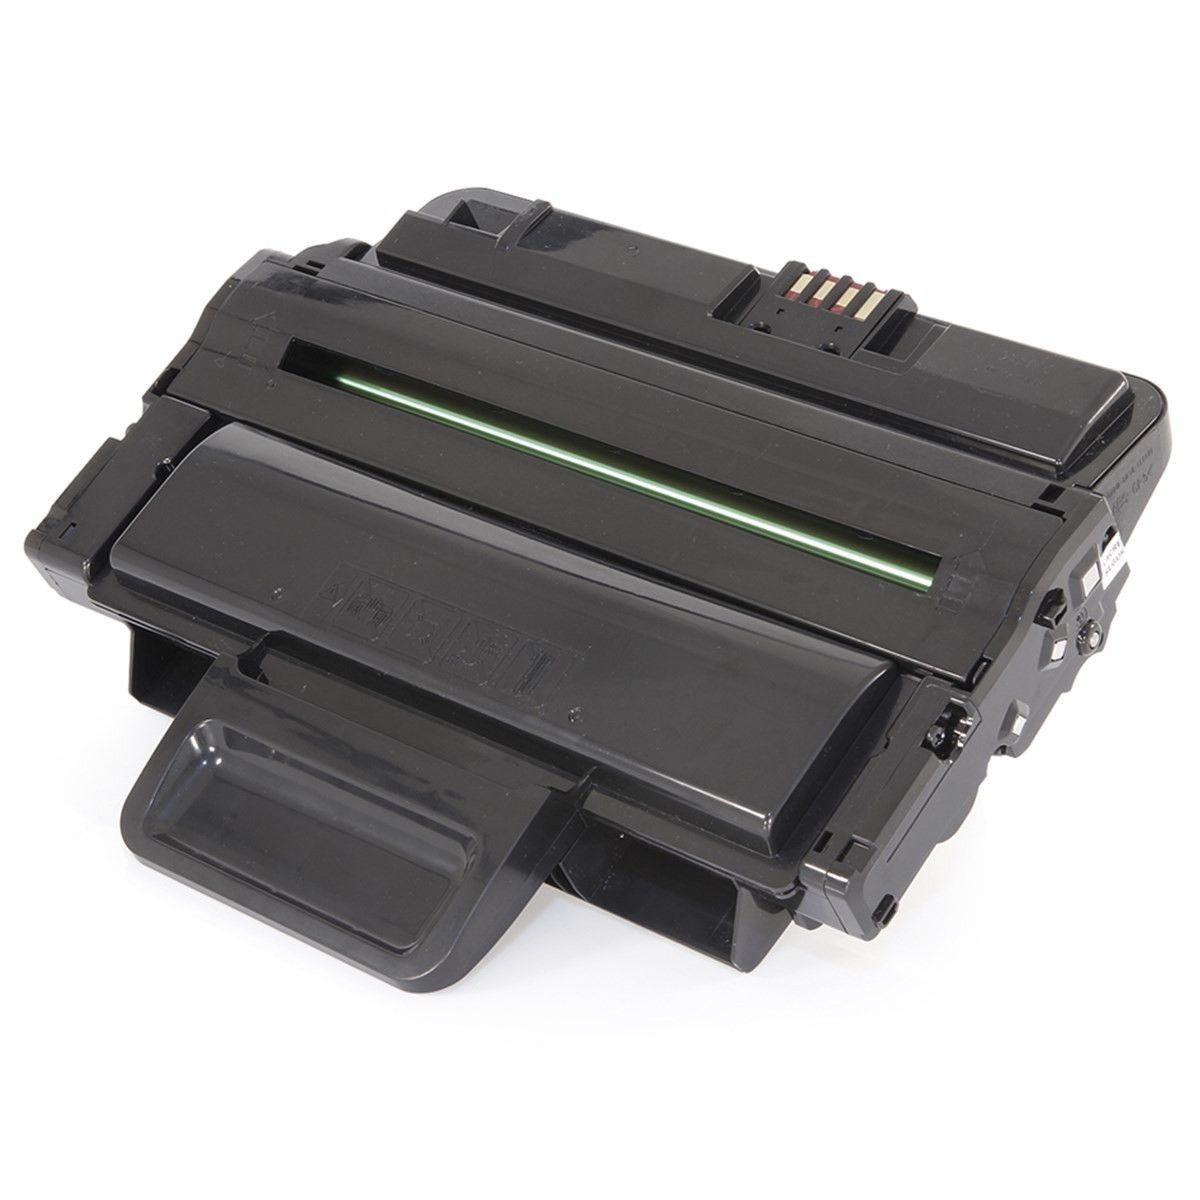 TONER COMPATÍVEL COM XEROX 3210 3220 106R01487 106R01486 Black 4.100 Páginas - Cartucho & Cia